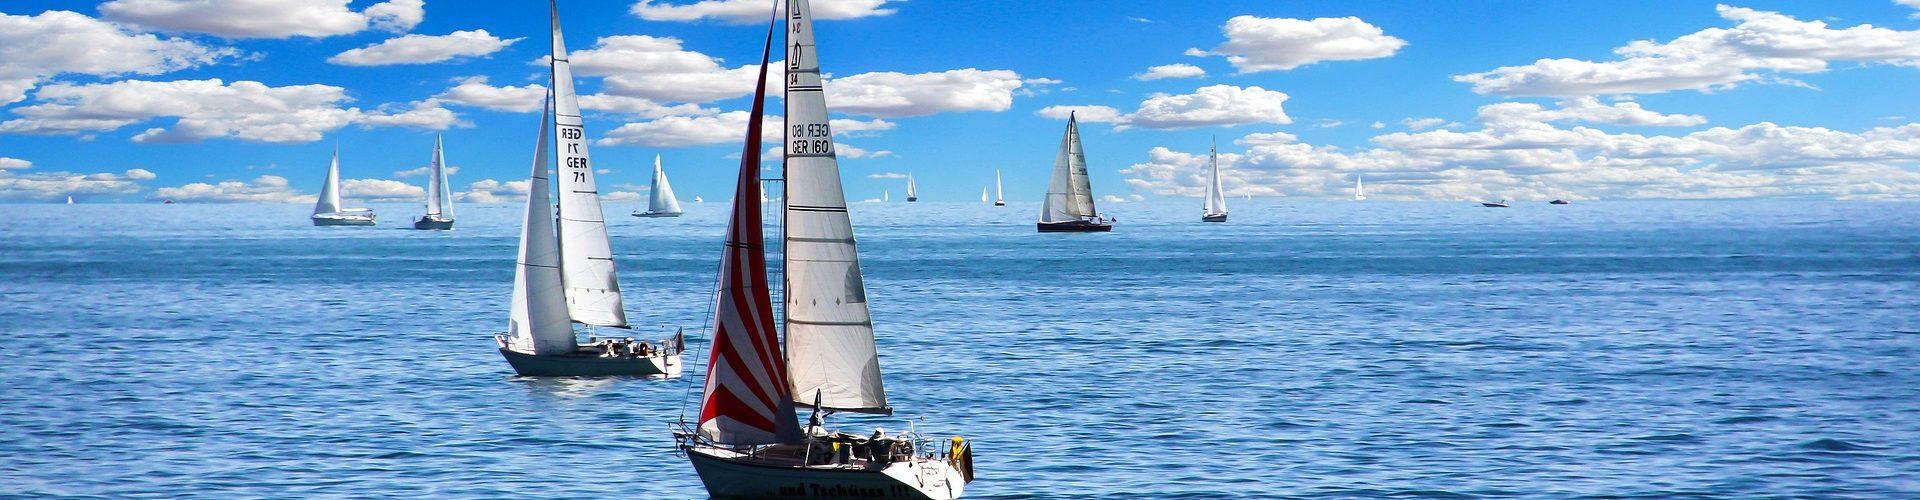 segeln lernen in Dortmund segelschein machen in Dortmund 1920x500 - Segeln lernen in Dortmund